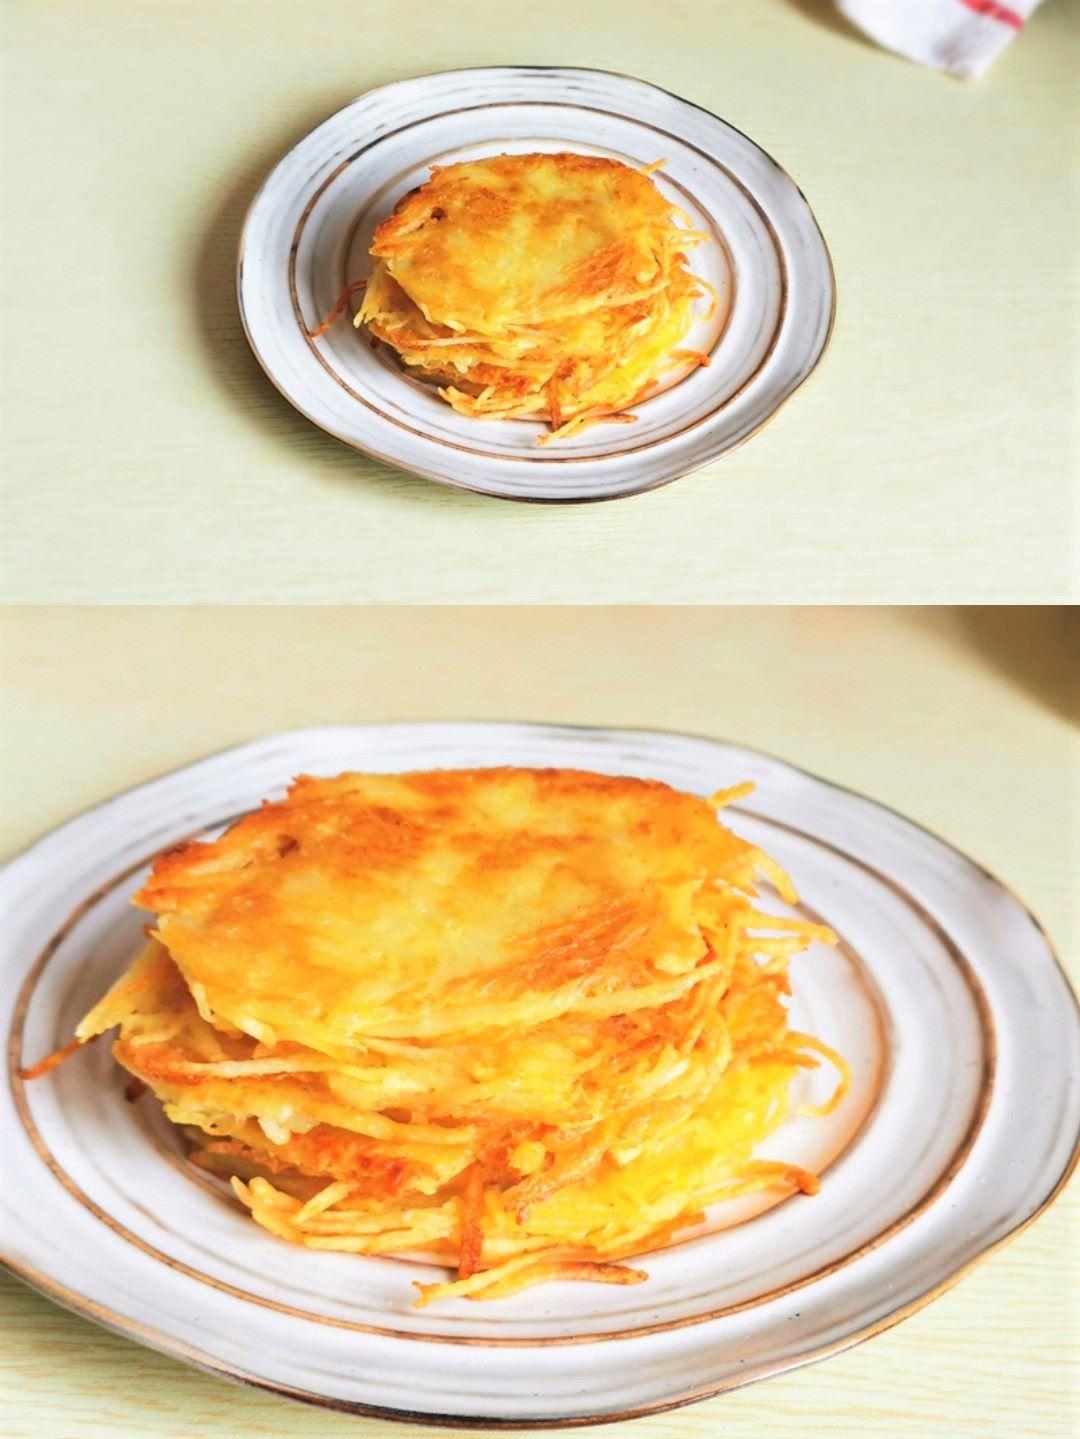 potato pancakes without flour Crispy potato and egg pancakes recipe